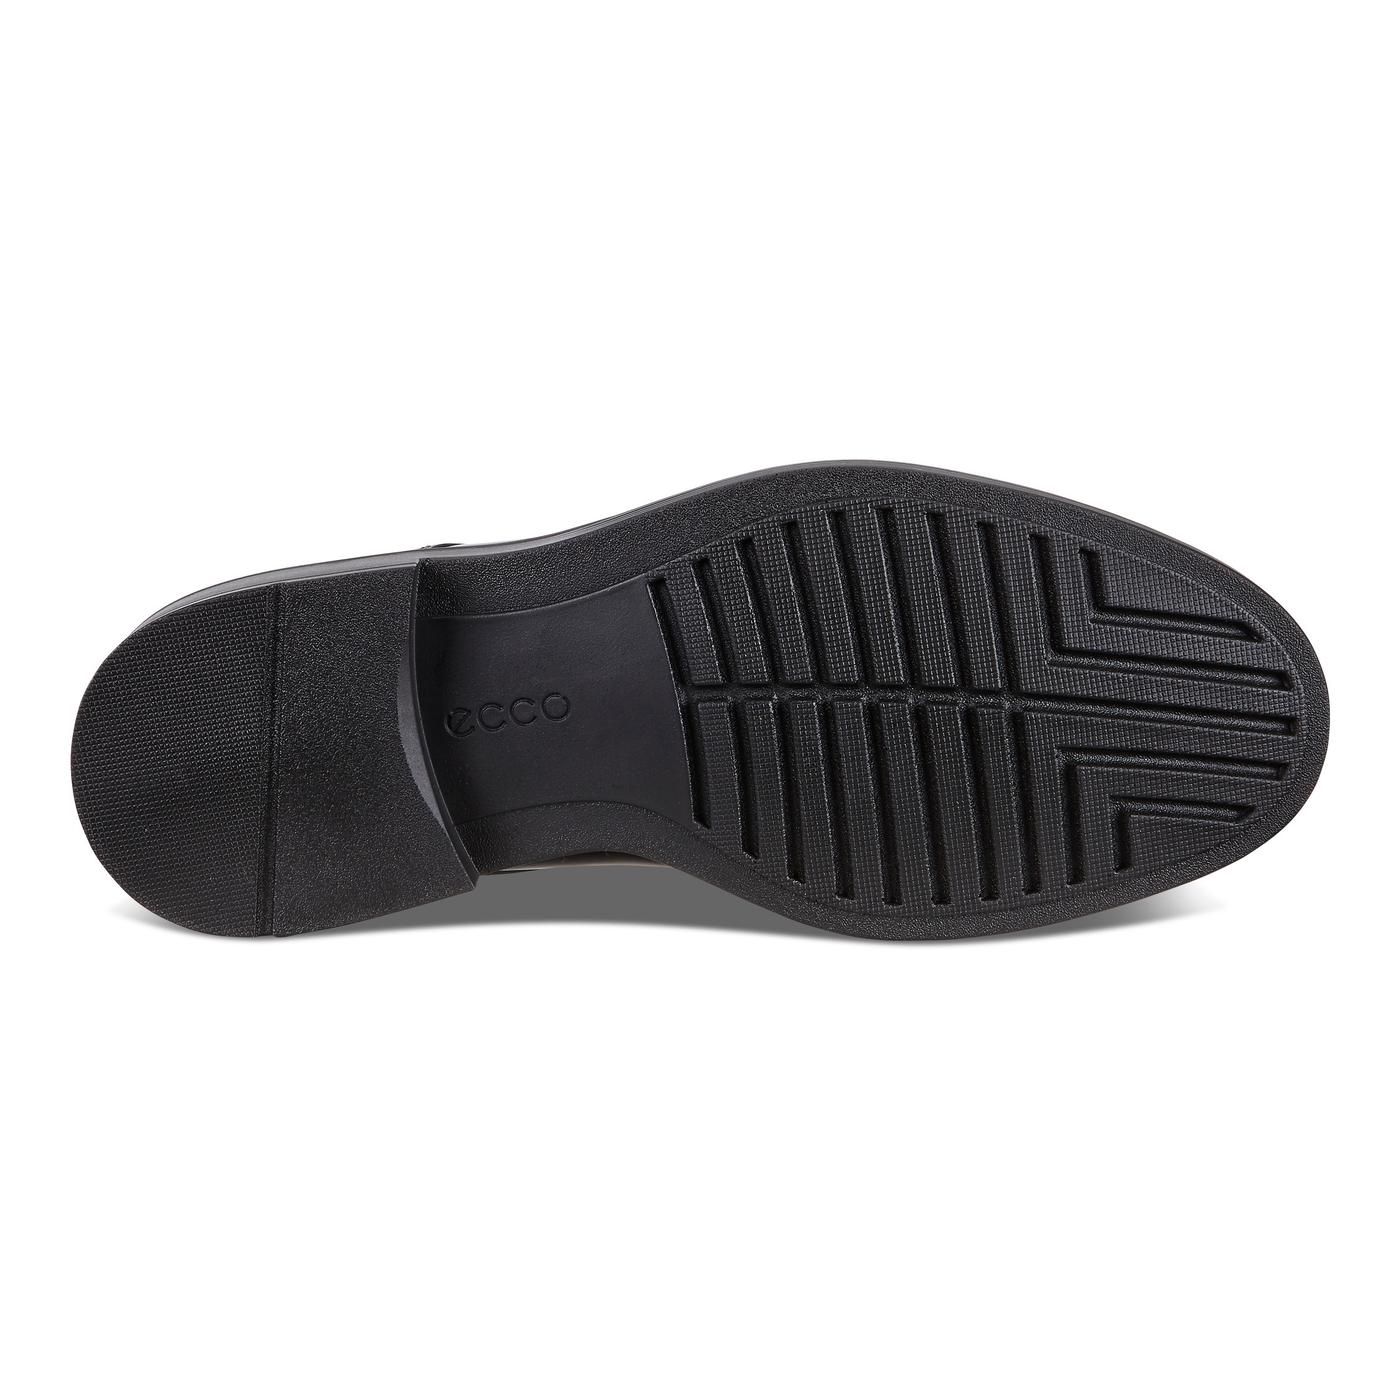 ECCO NEWCASTLE Shoe